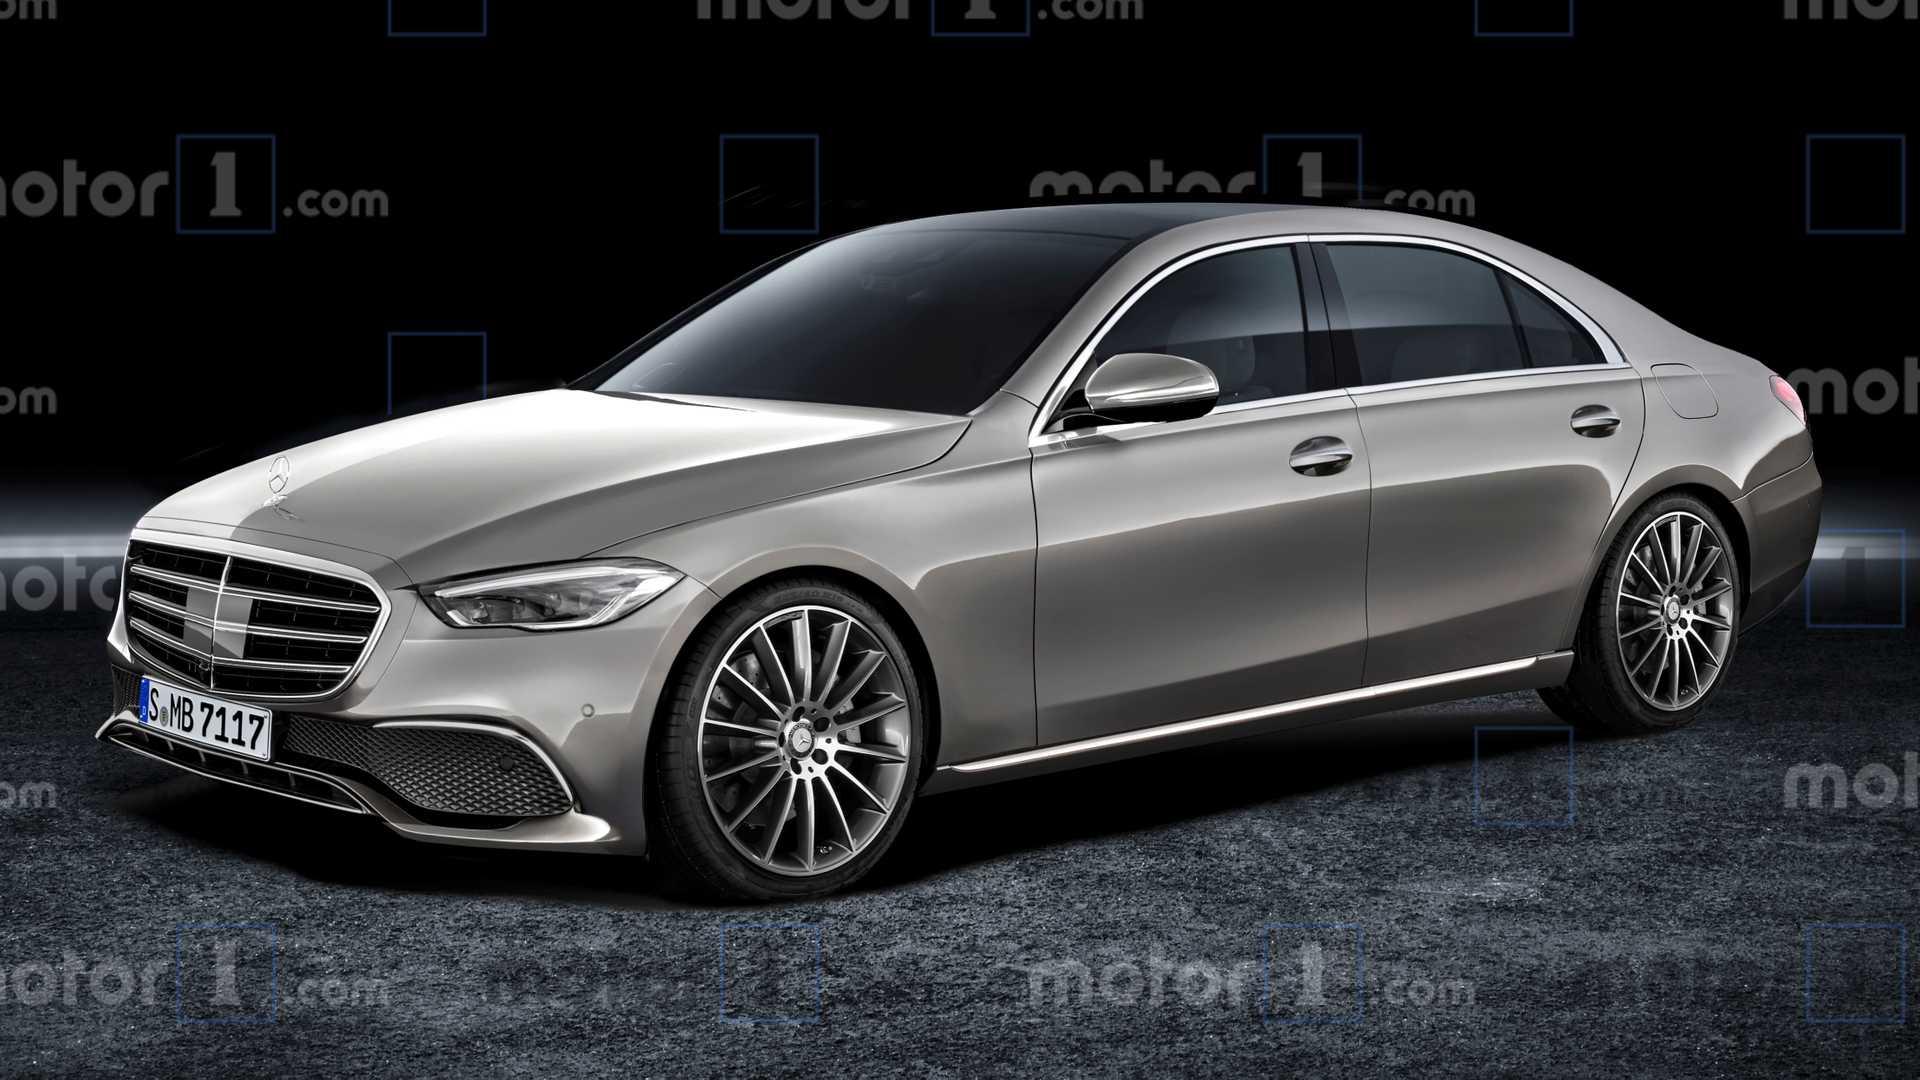 2021 Mercedes S Class Release Date